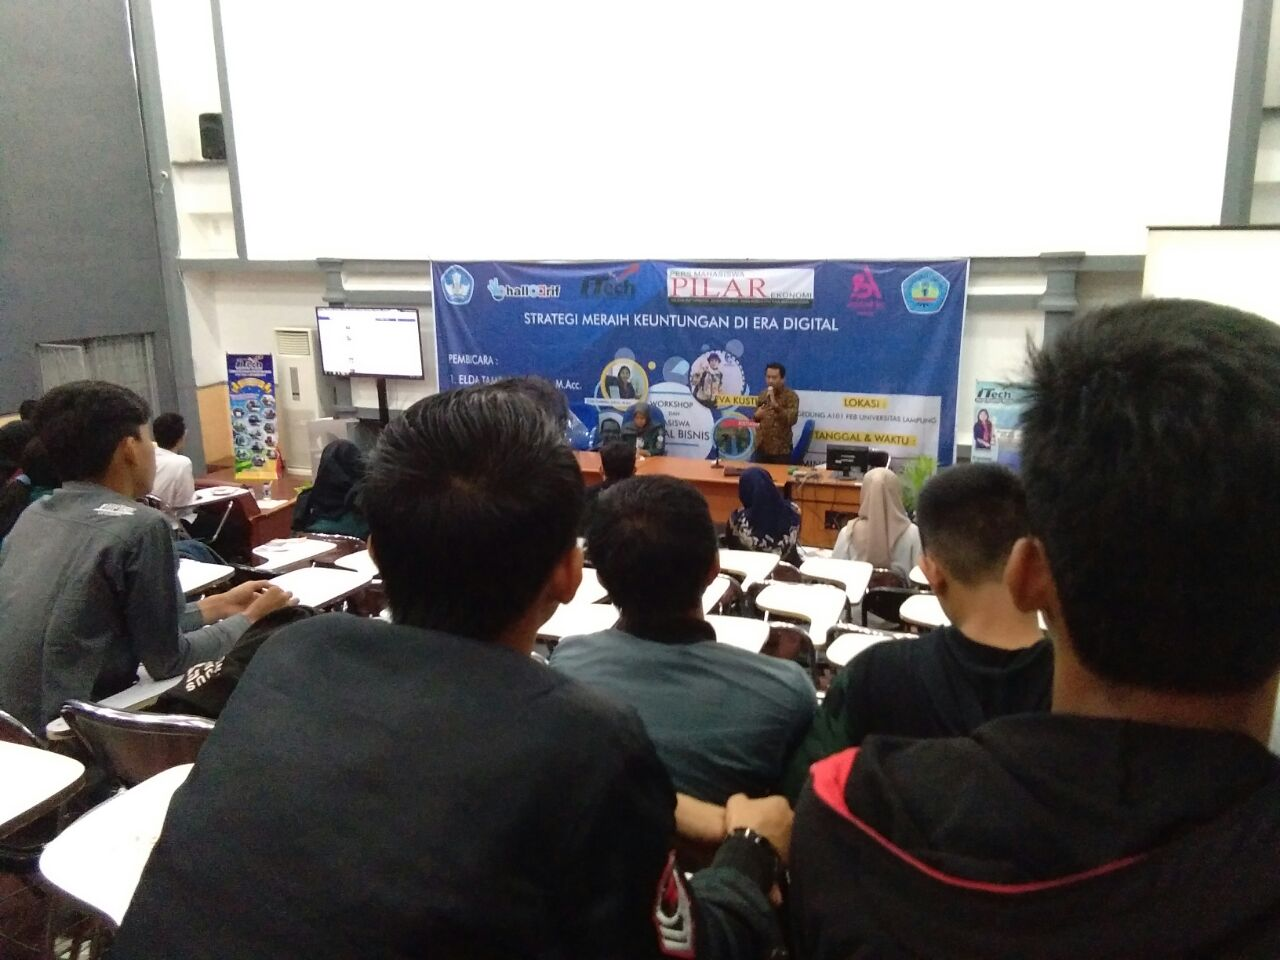 ITech & Halloarif-Pers Mahasiswa Pilar Gelar Workshop Meraih Keuntungan Era Digital